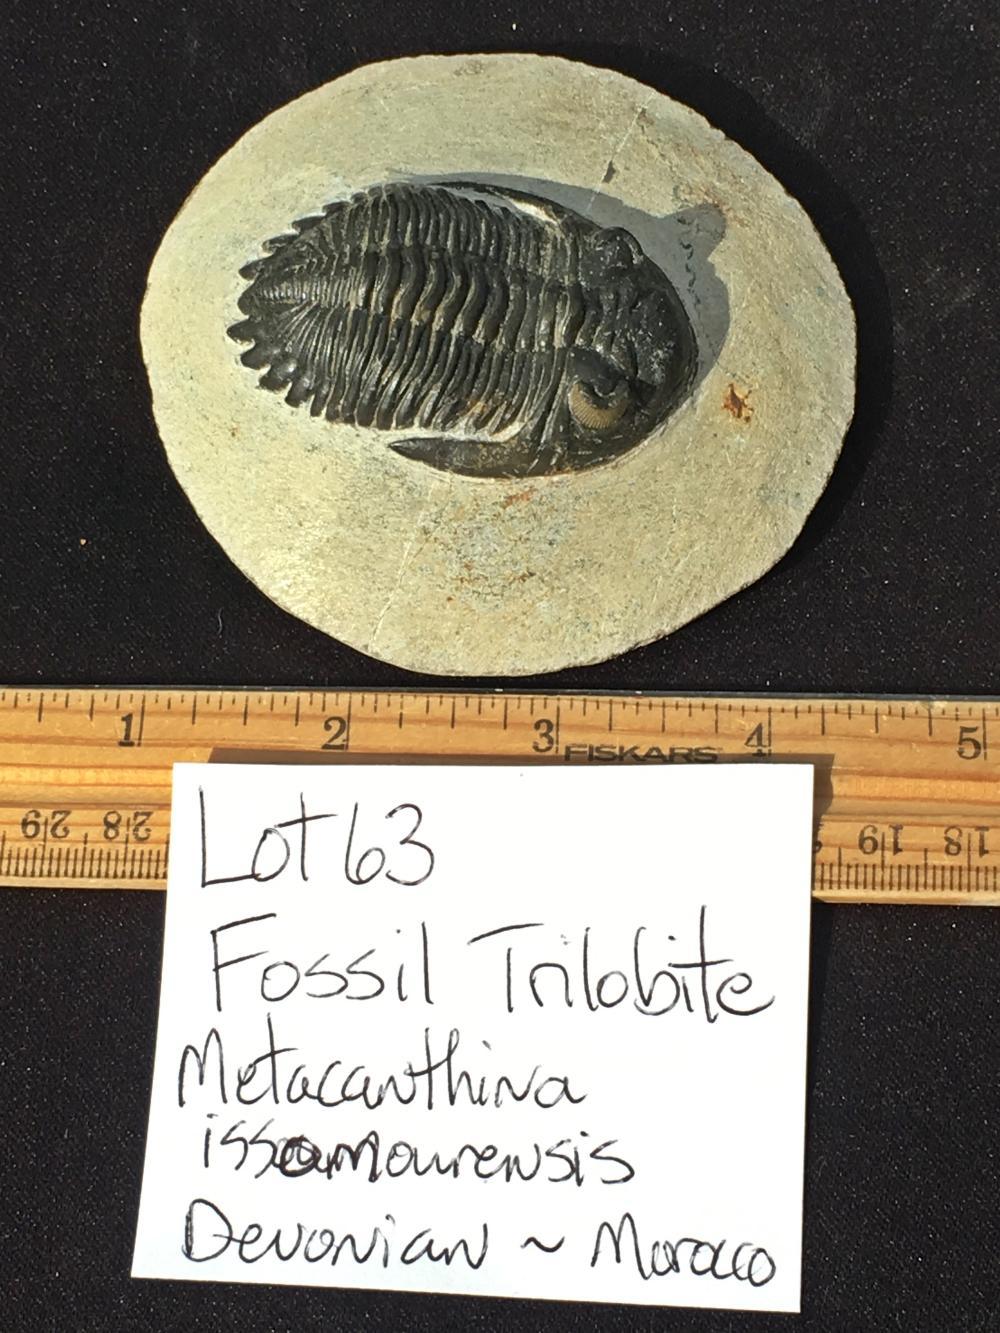 Lot 63: Trilobite, Rock, Fossil, Natural, Specimen